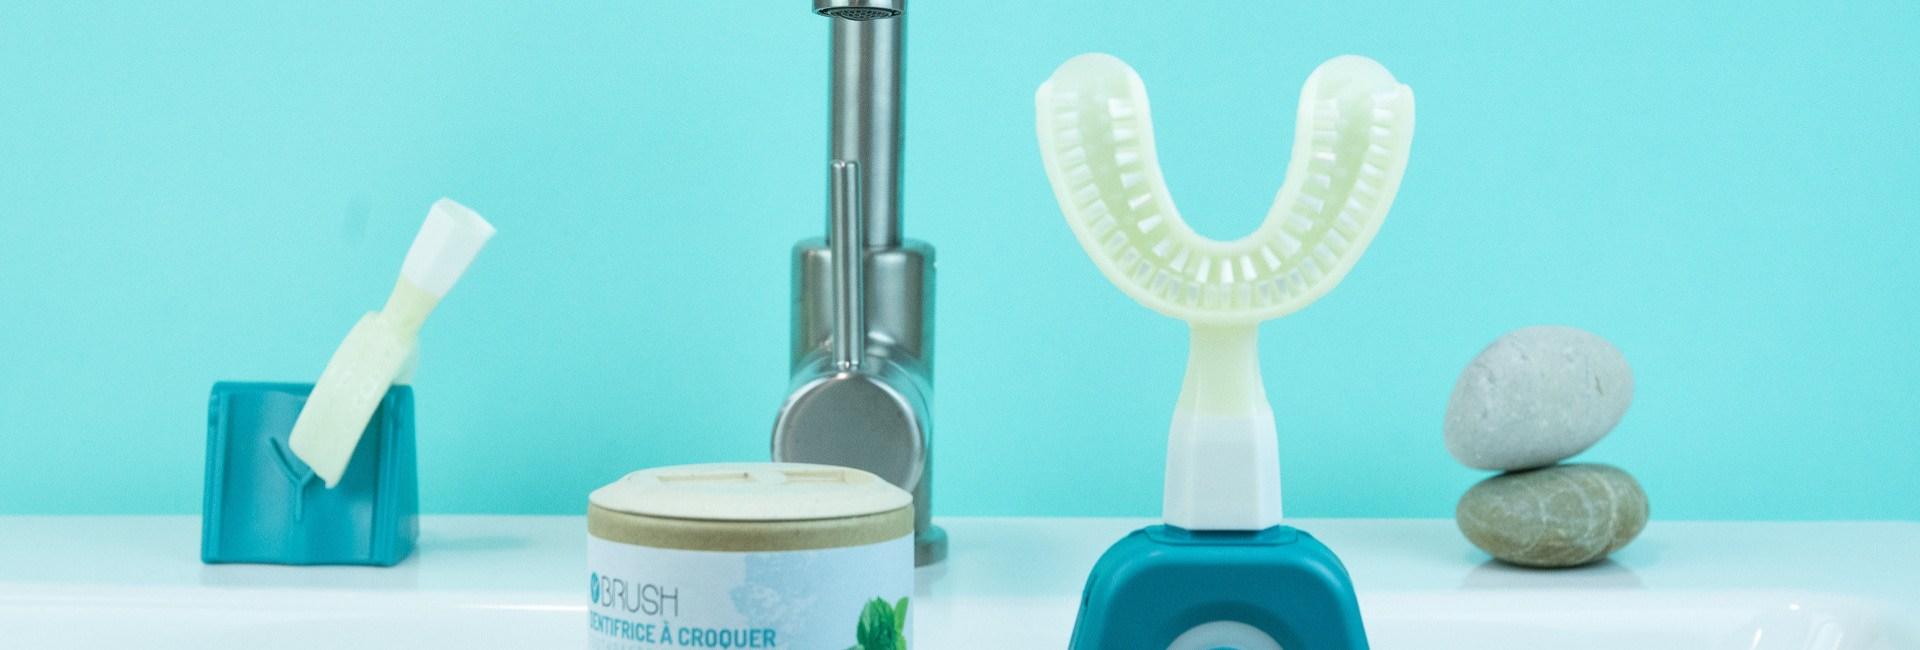 brosse à dent électrique y-brush